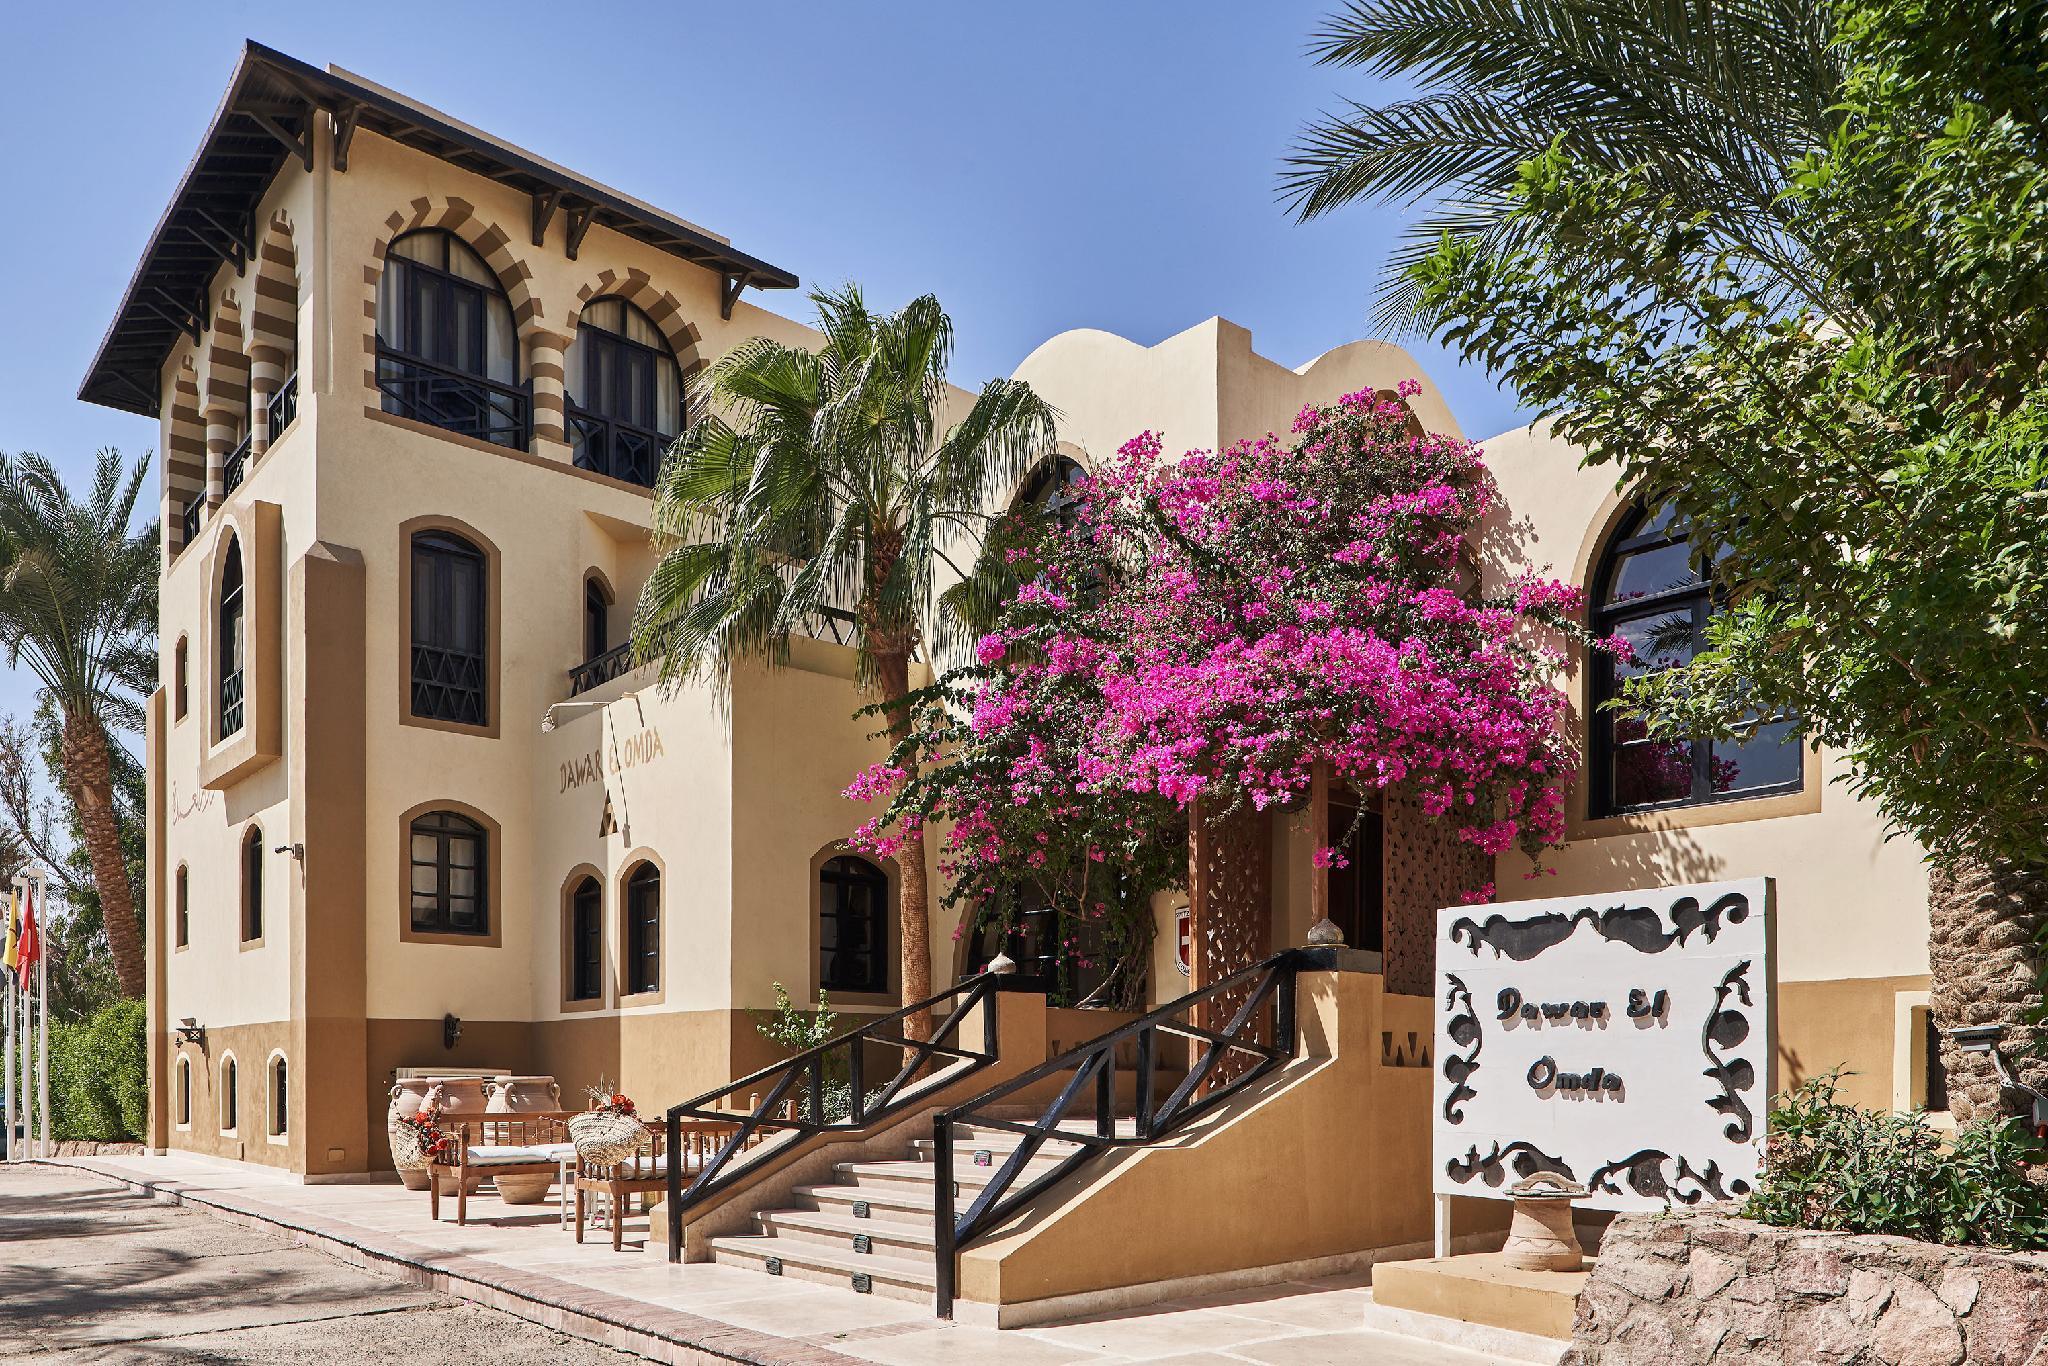 Dawar El Omda Hotel   Adult Only